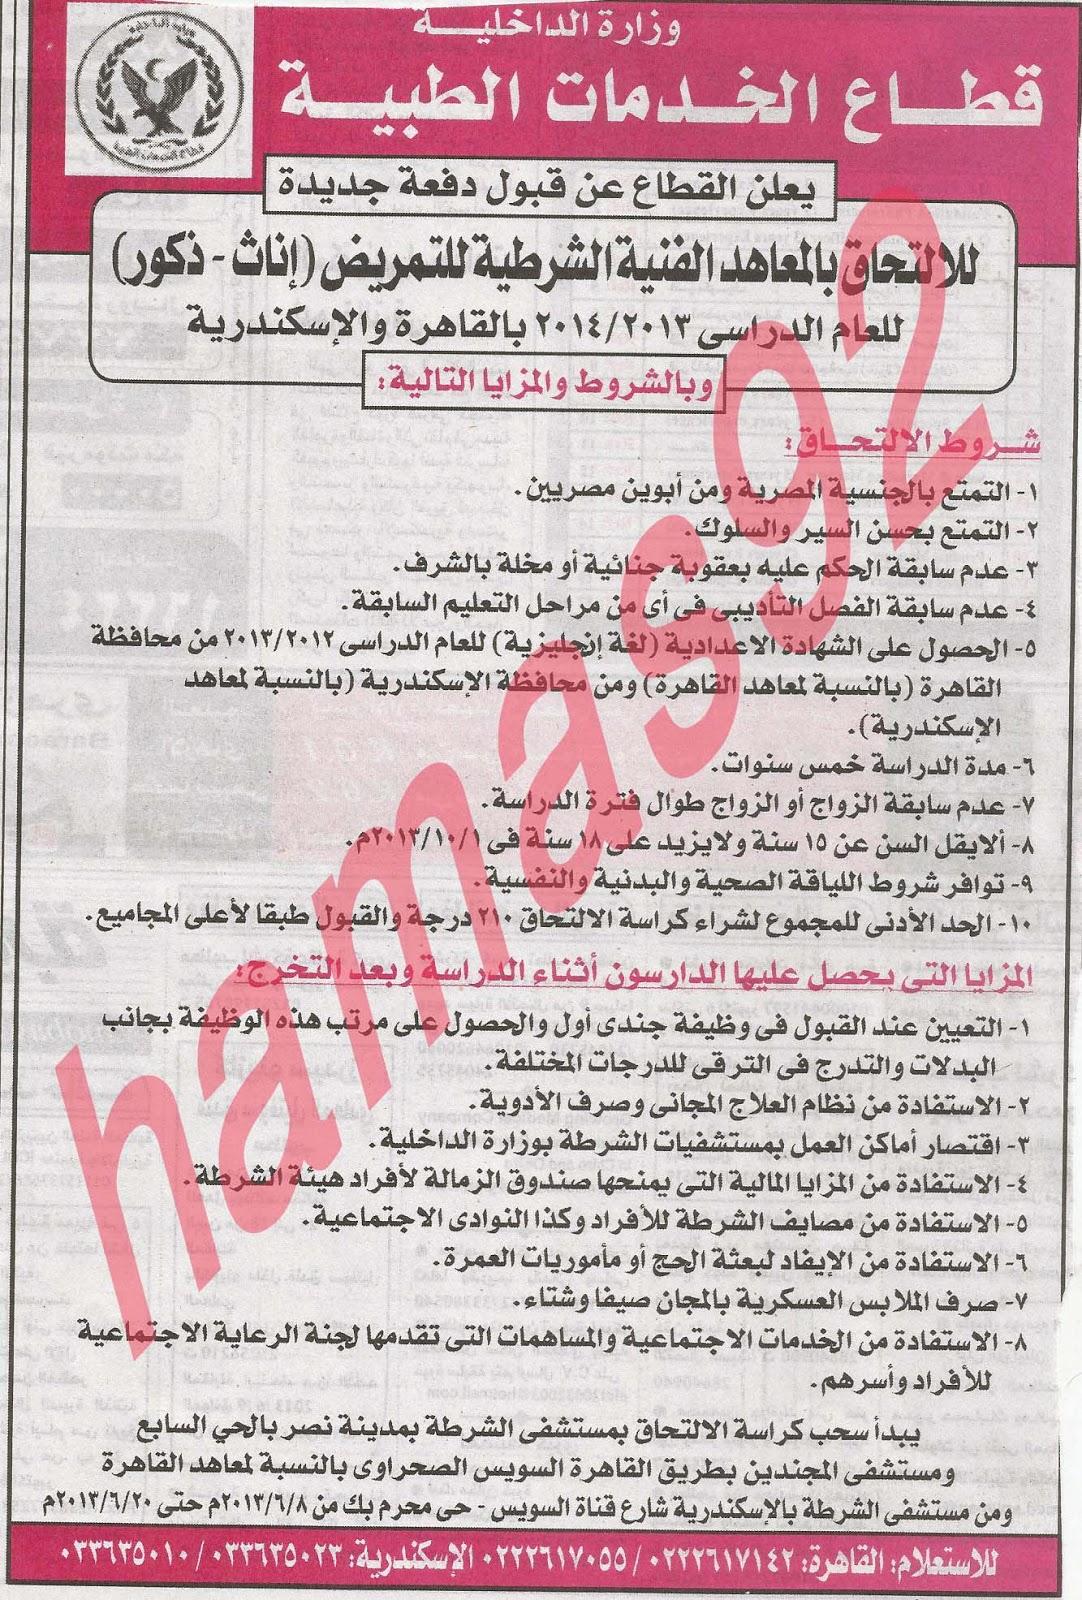 و اعلان وظائف وزارة الصحة